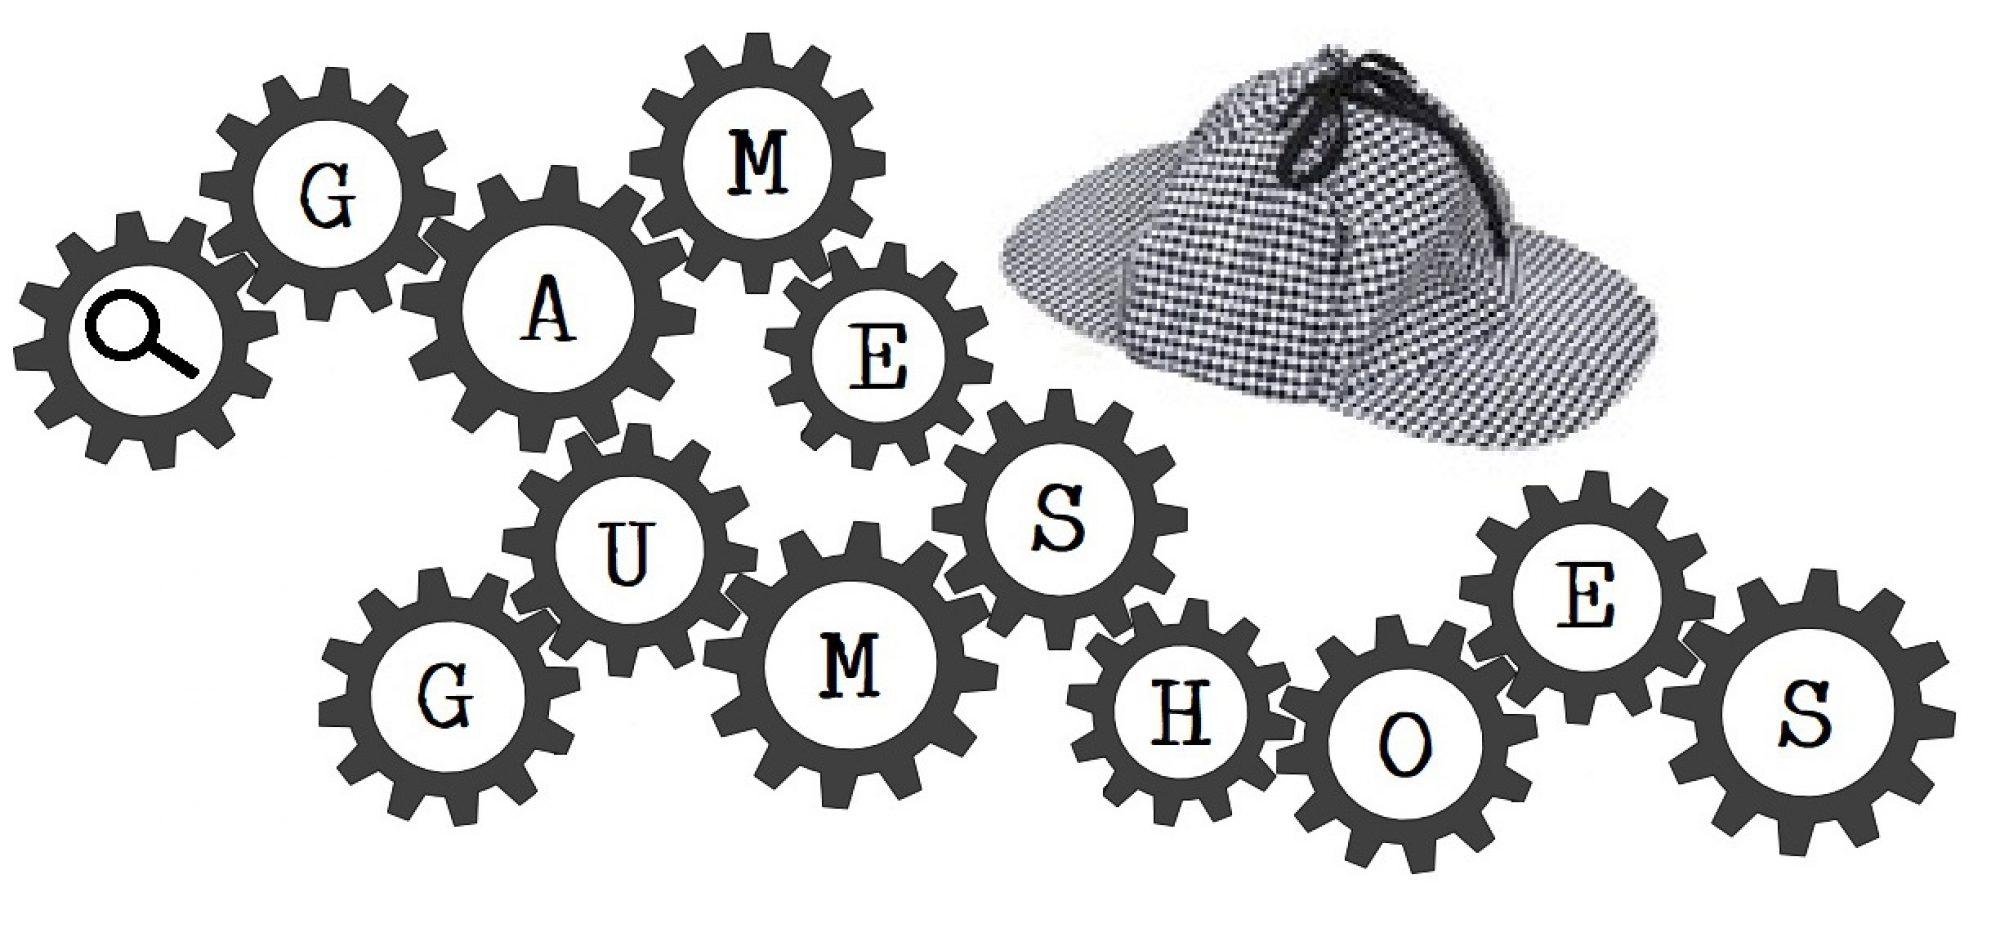 Game Gumshoes